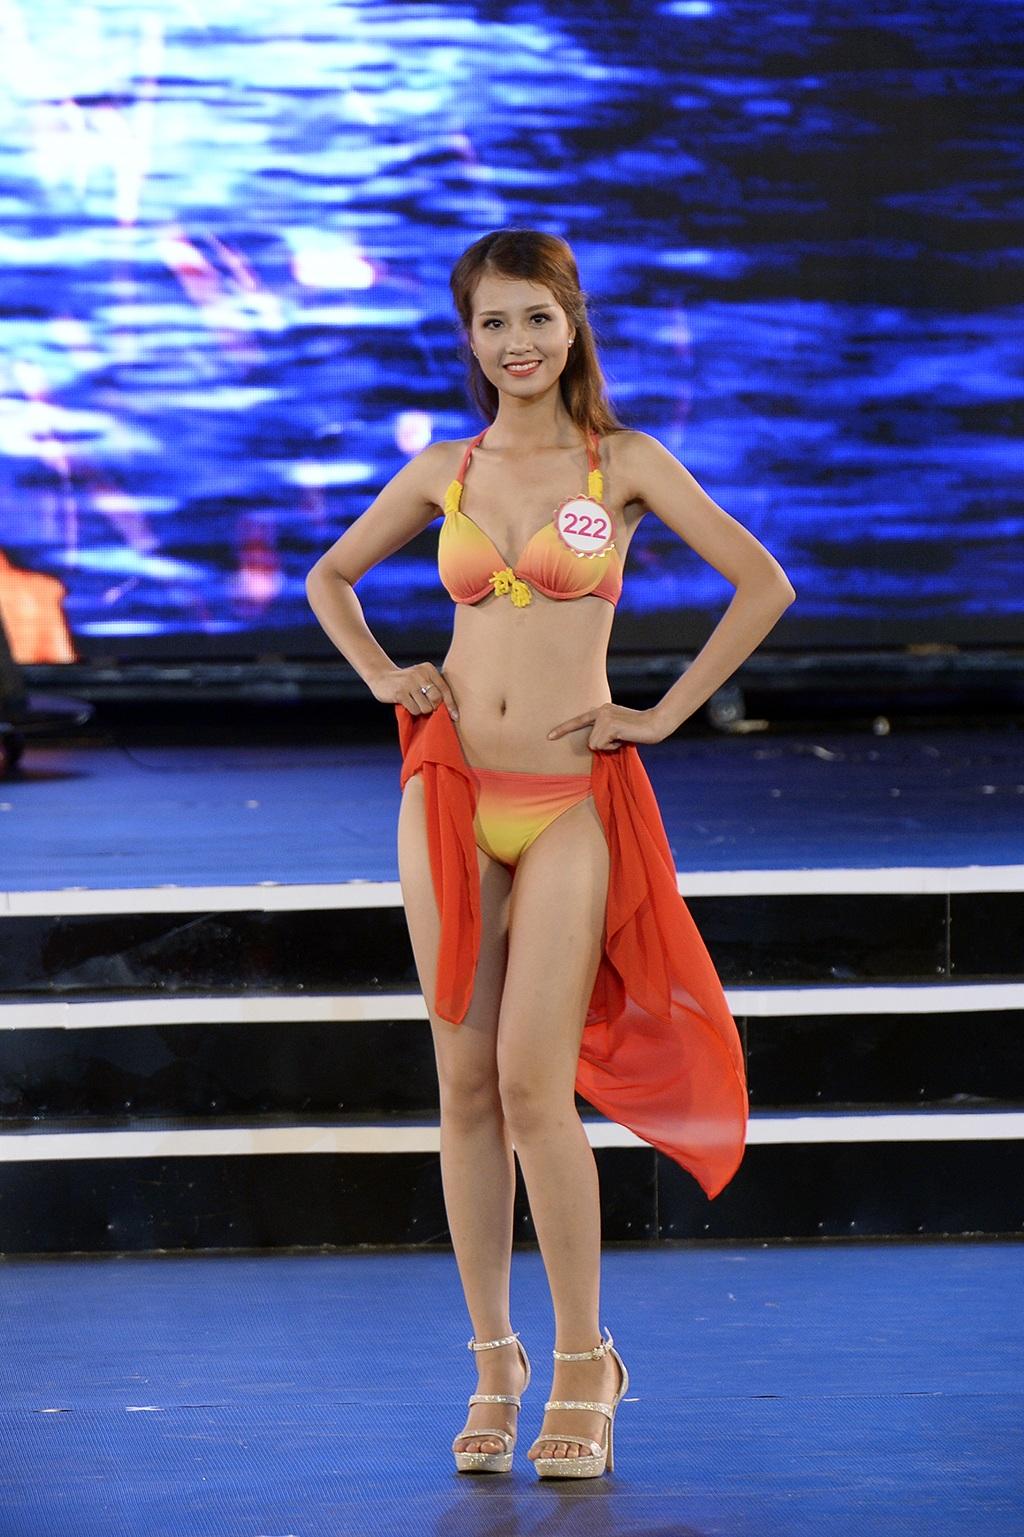 Các thí sinh đầy tự tin trong bộ trang phục áo tắm của NTK Xuân Thu.